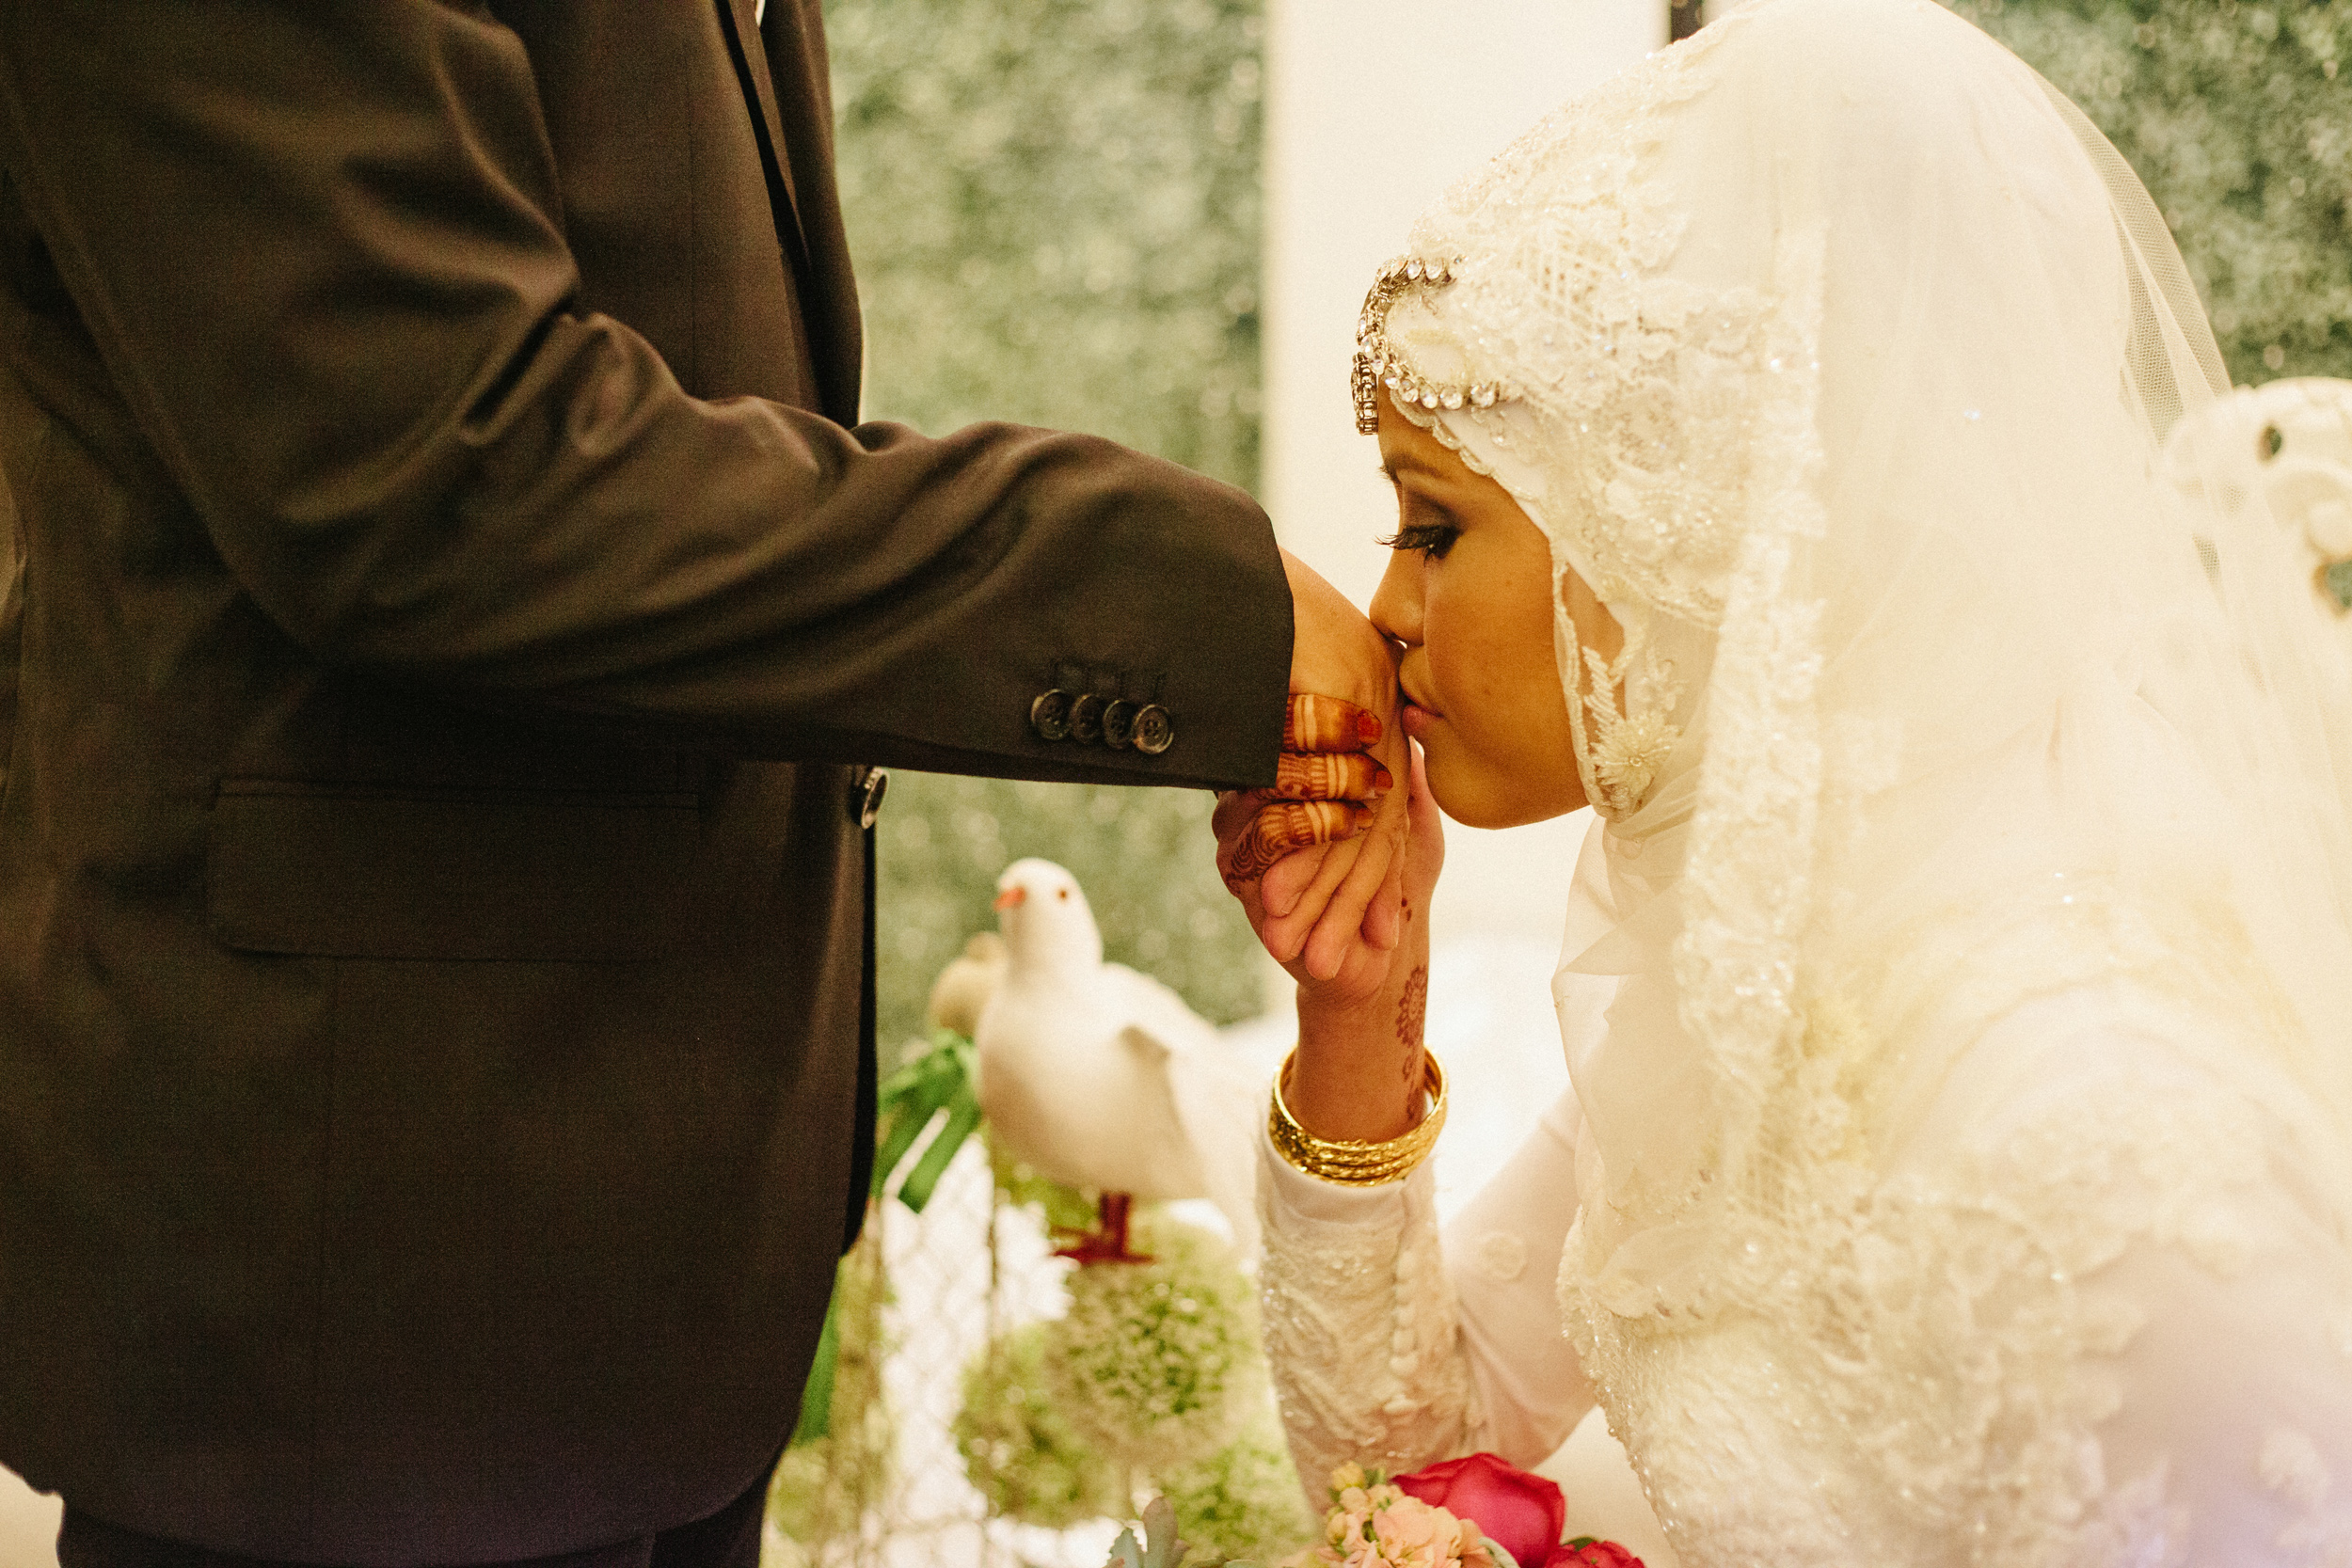 singapore-wedding-photographer-wemadethese-shikin-yanho-027.jpg